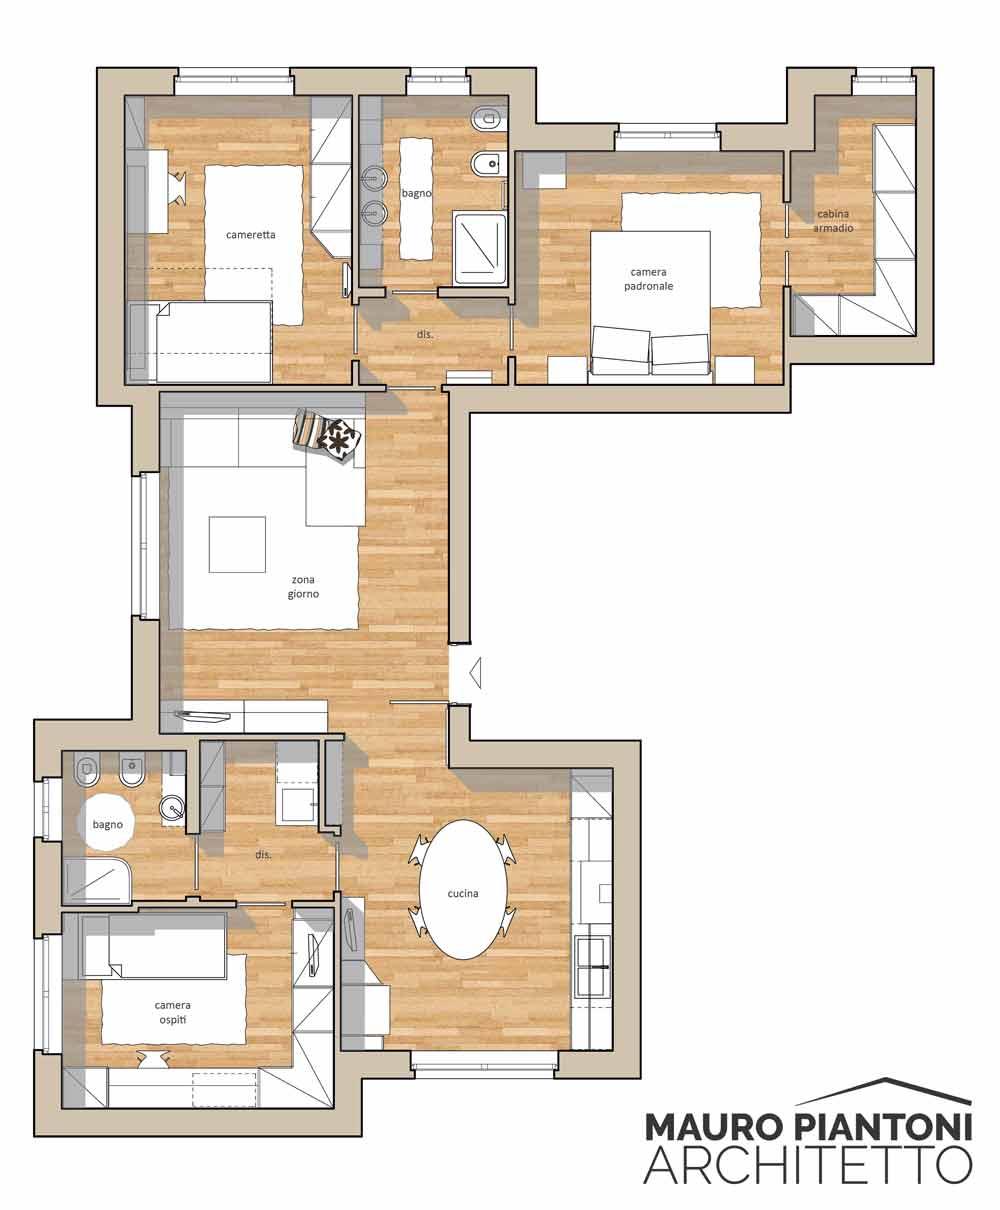 Ristrutturazione di interni casa frr a milano cornaredo - Architetto interni milano ...